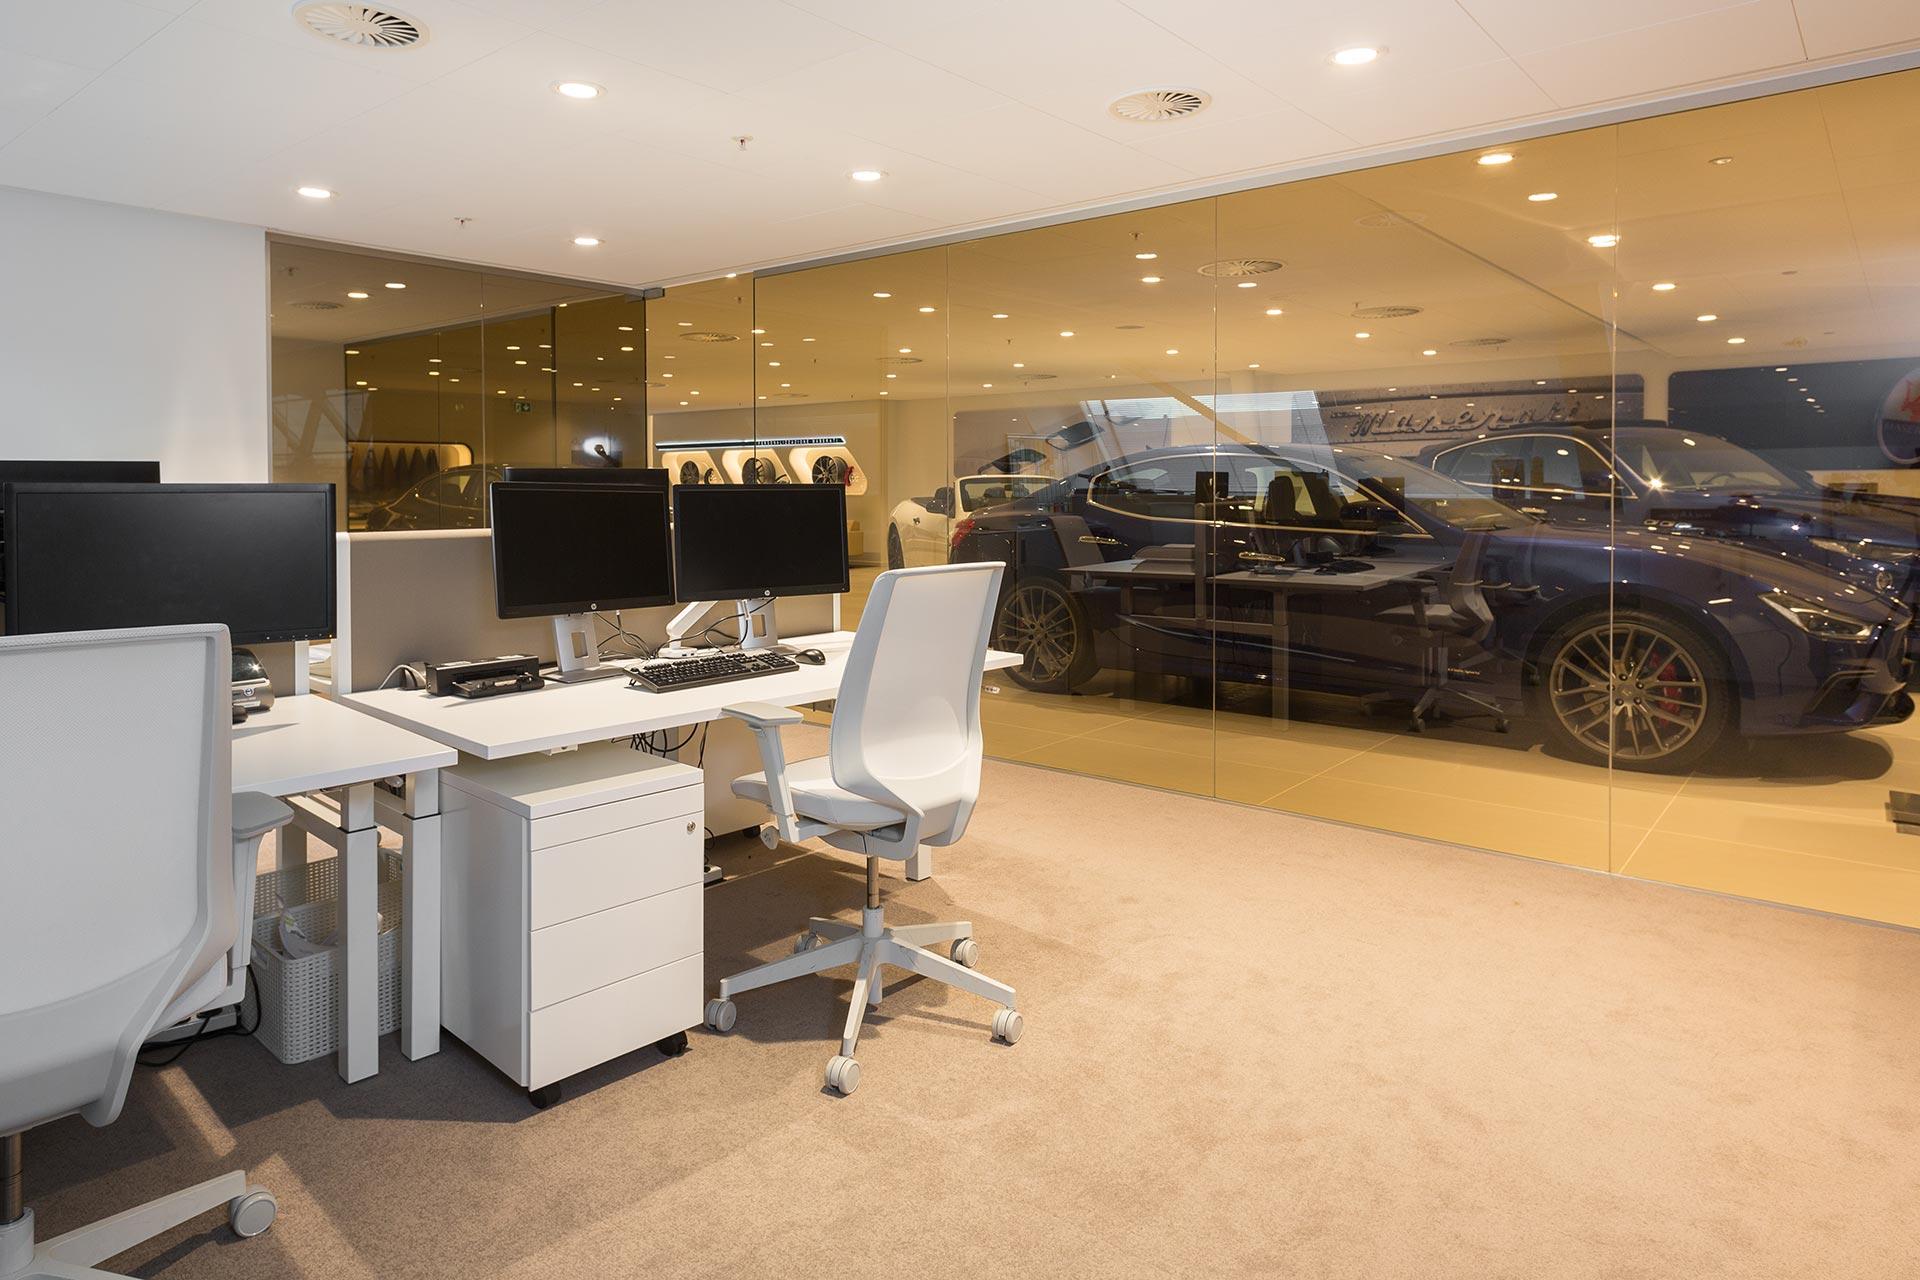 De kantoorruimtes zijn voorzien van witte DUO werkplekken